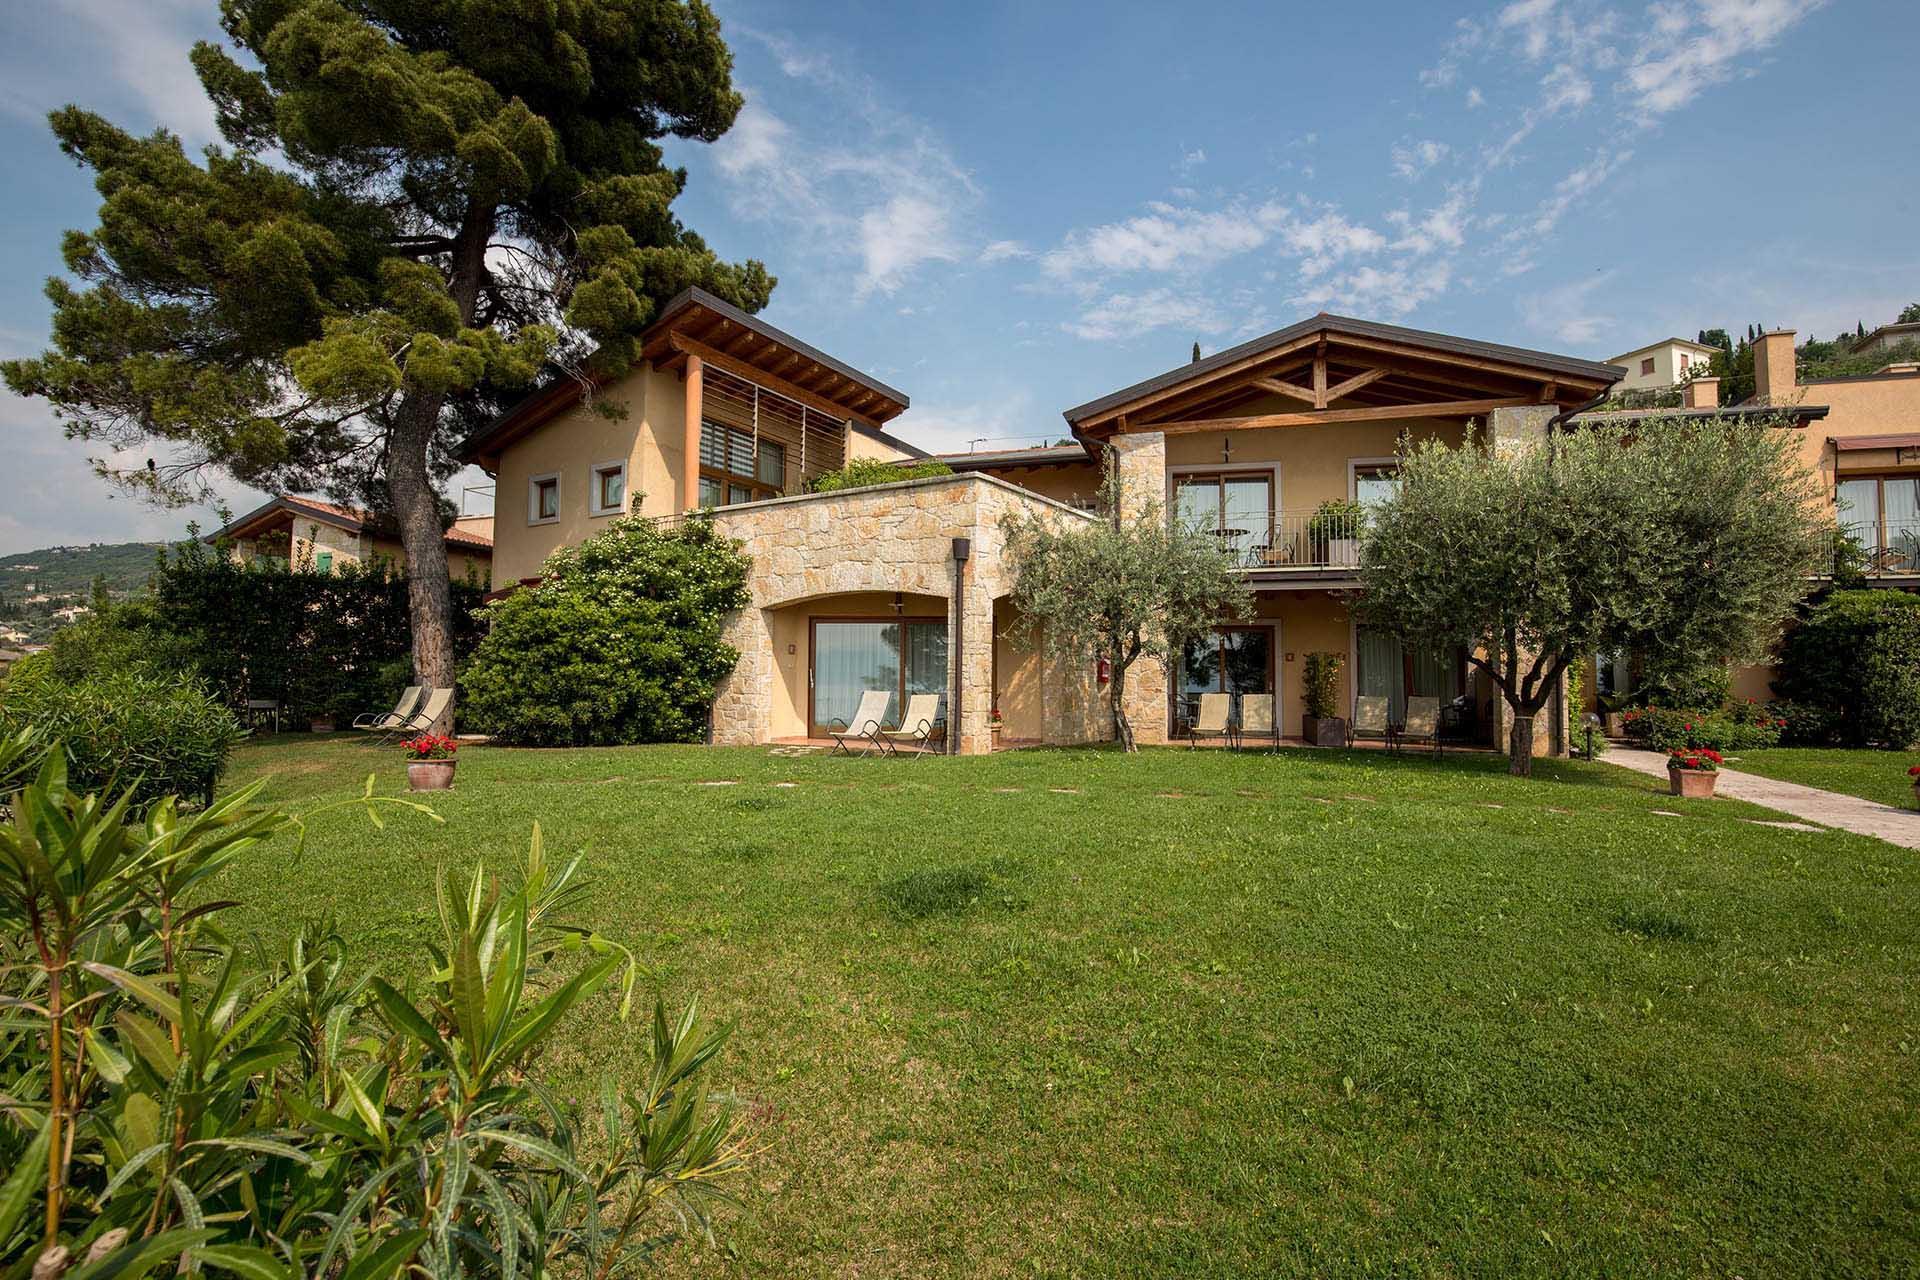 Residencecadellago_giardino_0874.jpg